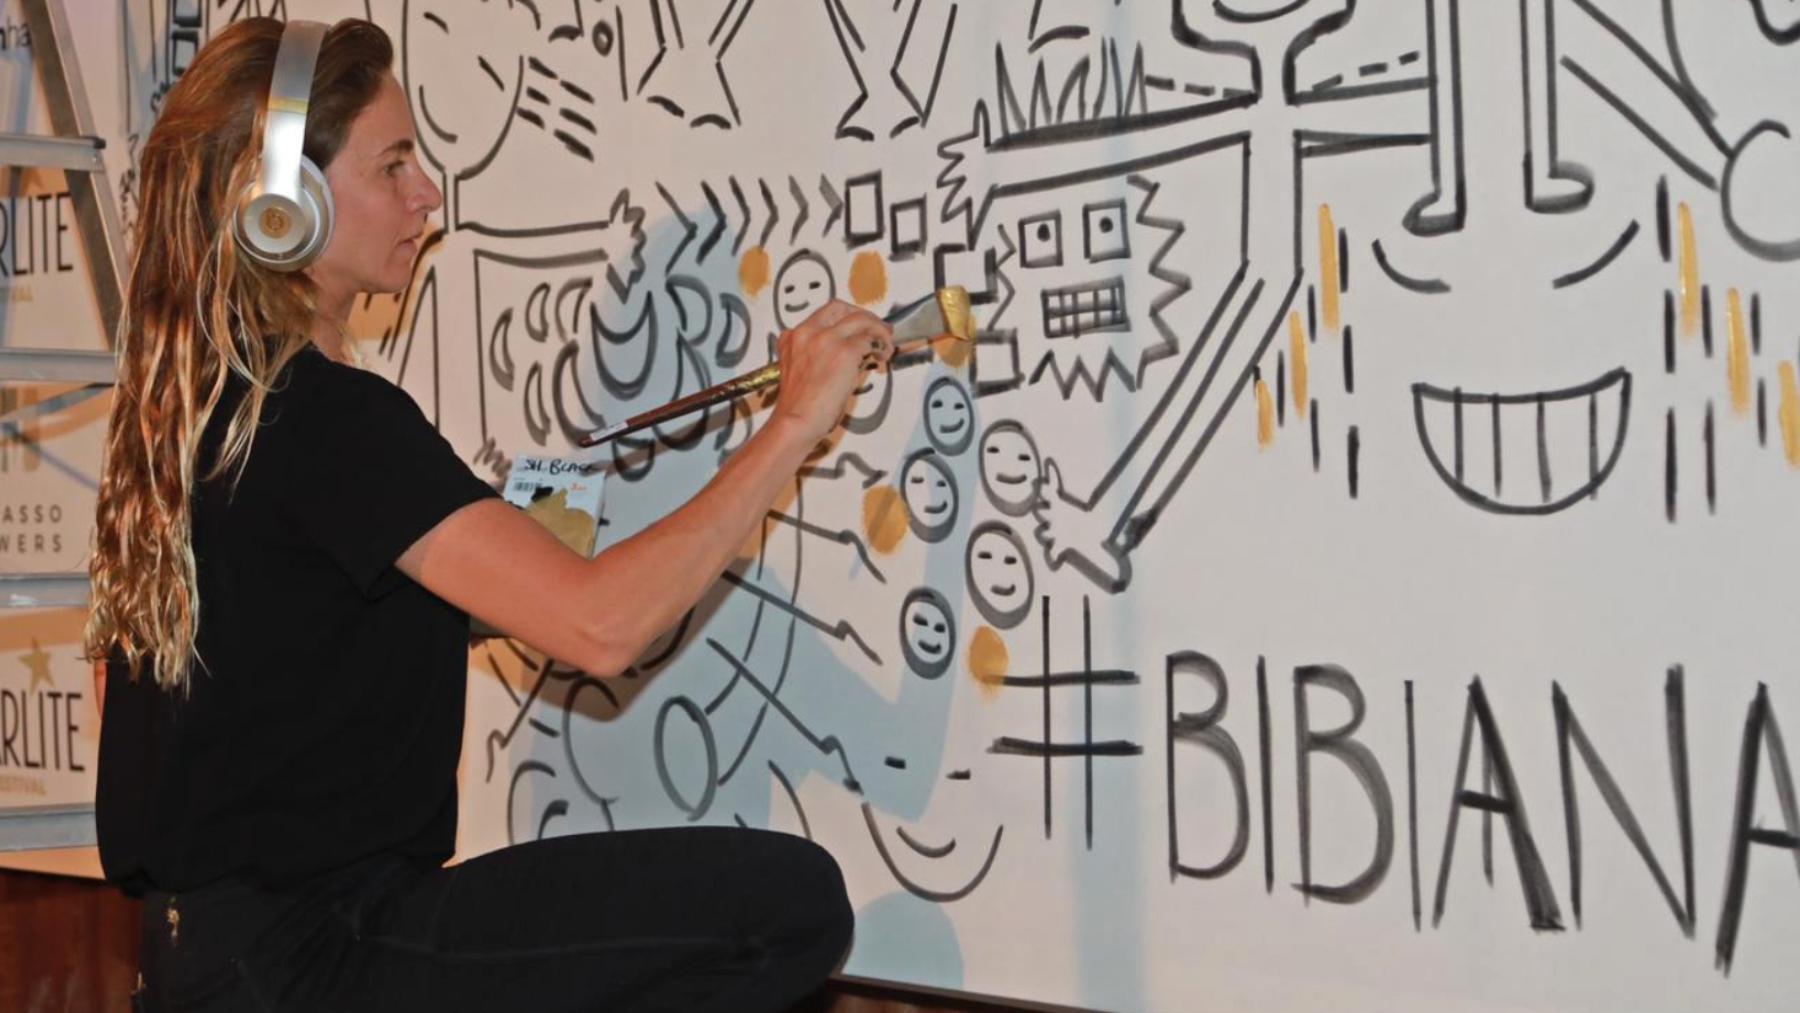 Bibi Domit pintando un mural para Starlite/Foto: Grupo Starlite